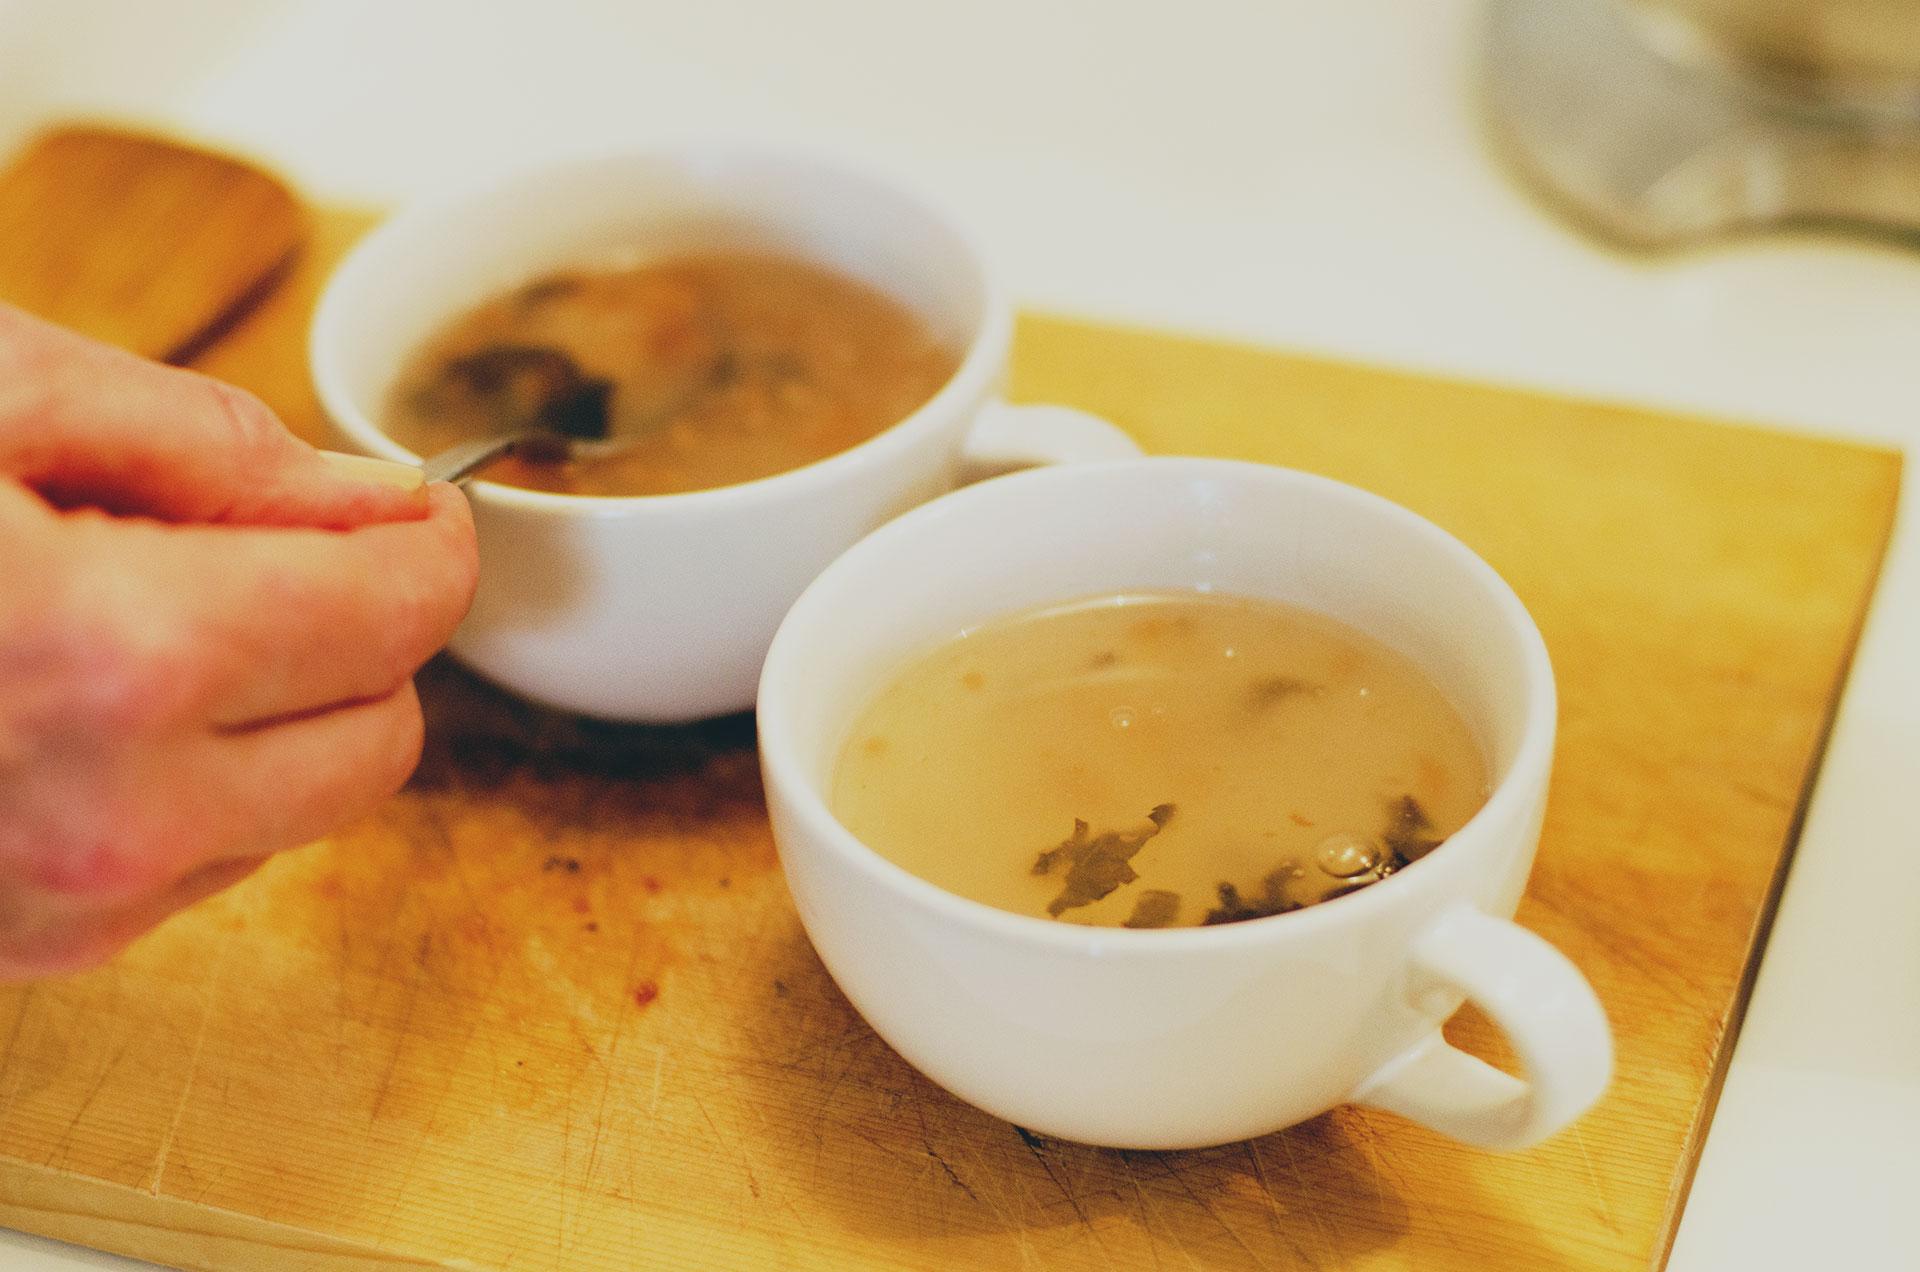 Sally-Ross-Clark-Preparing-Kuzu-recipe-with-umeboshi-plum